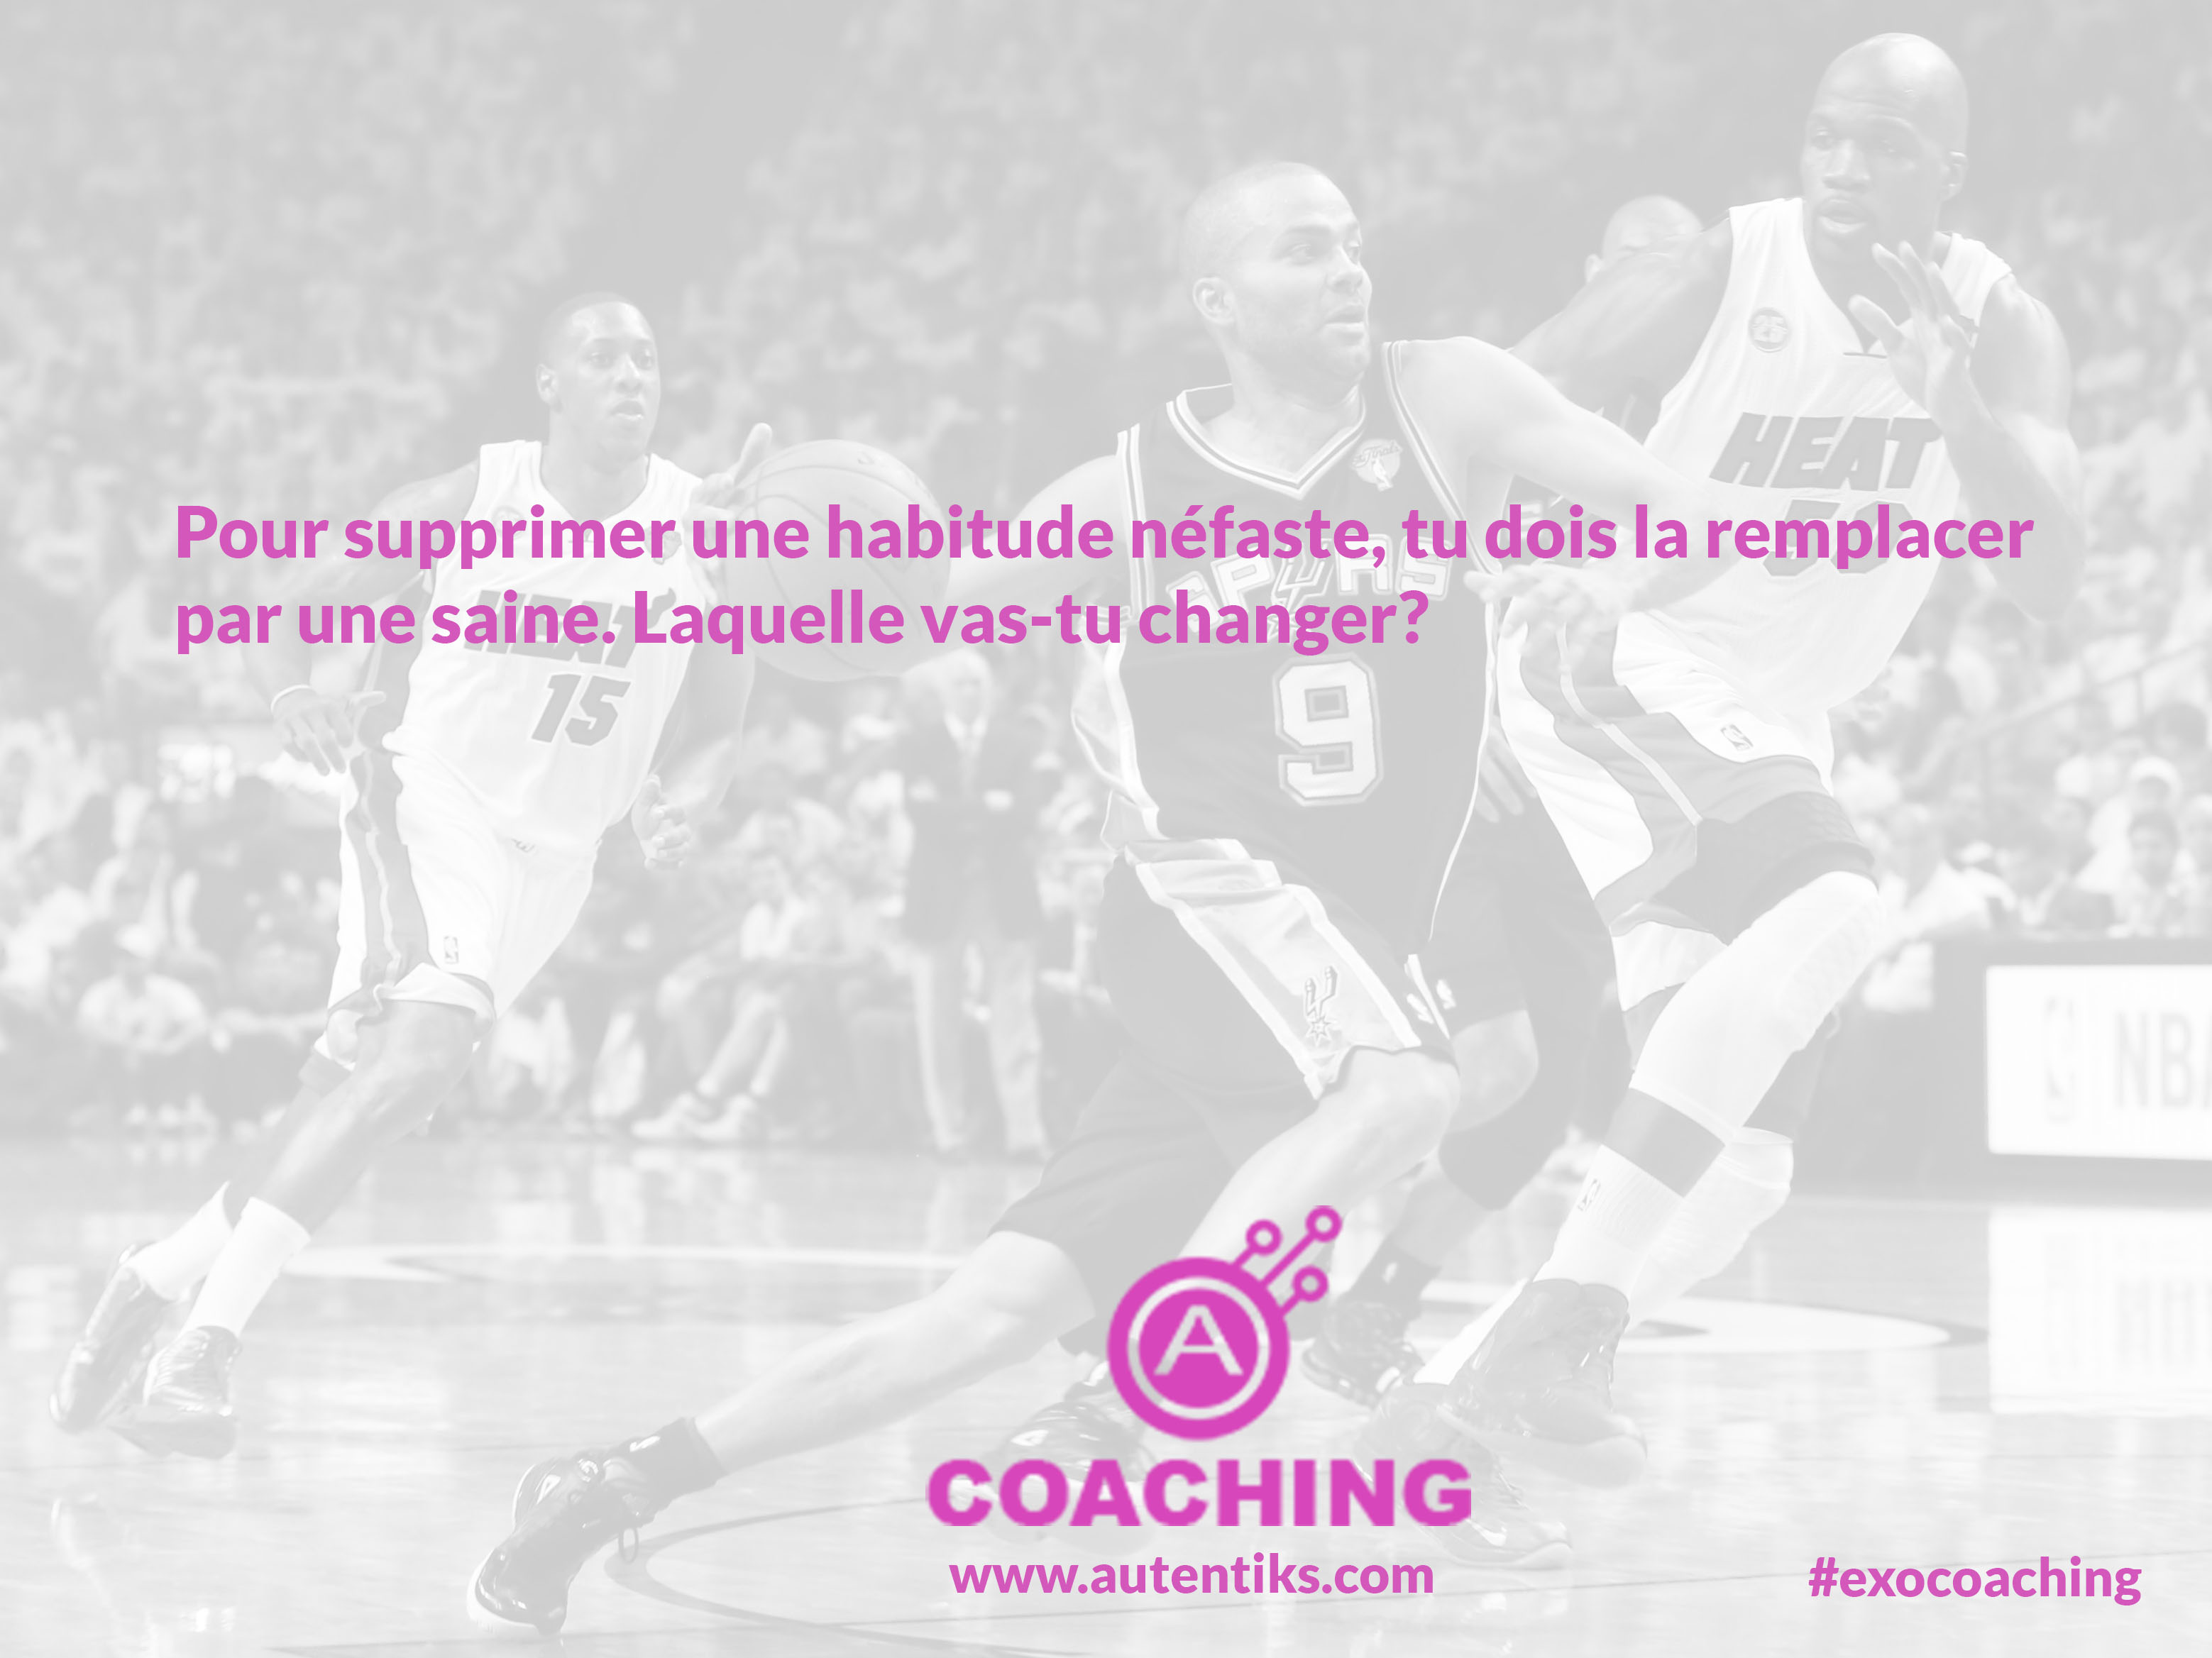 Semaine 9 – Exercice de Coaching